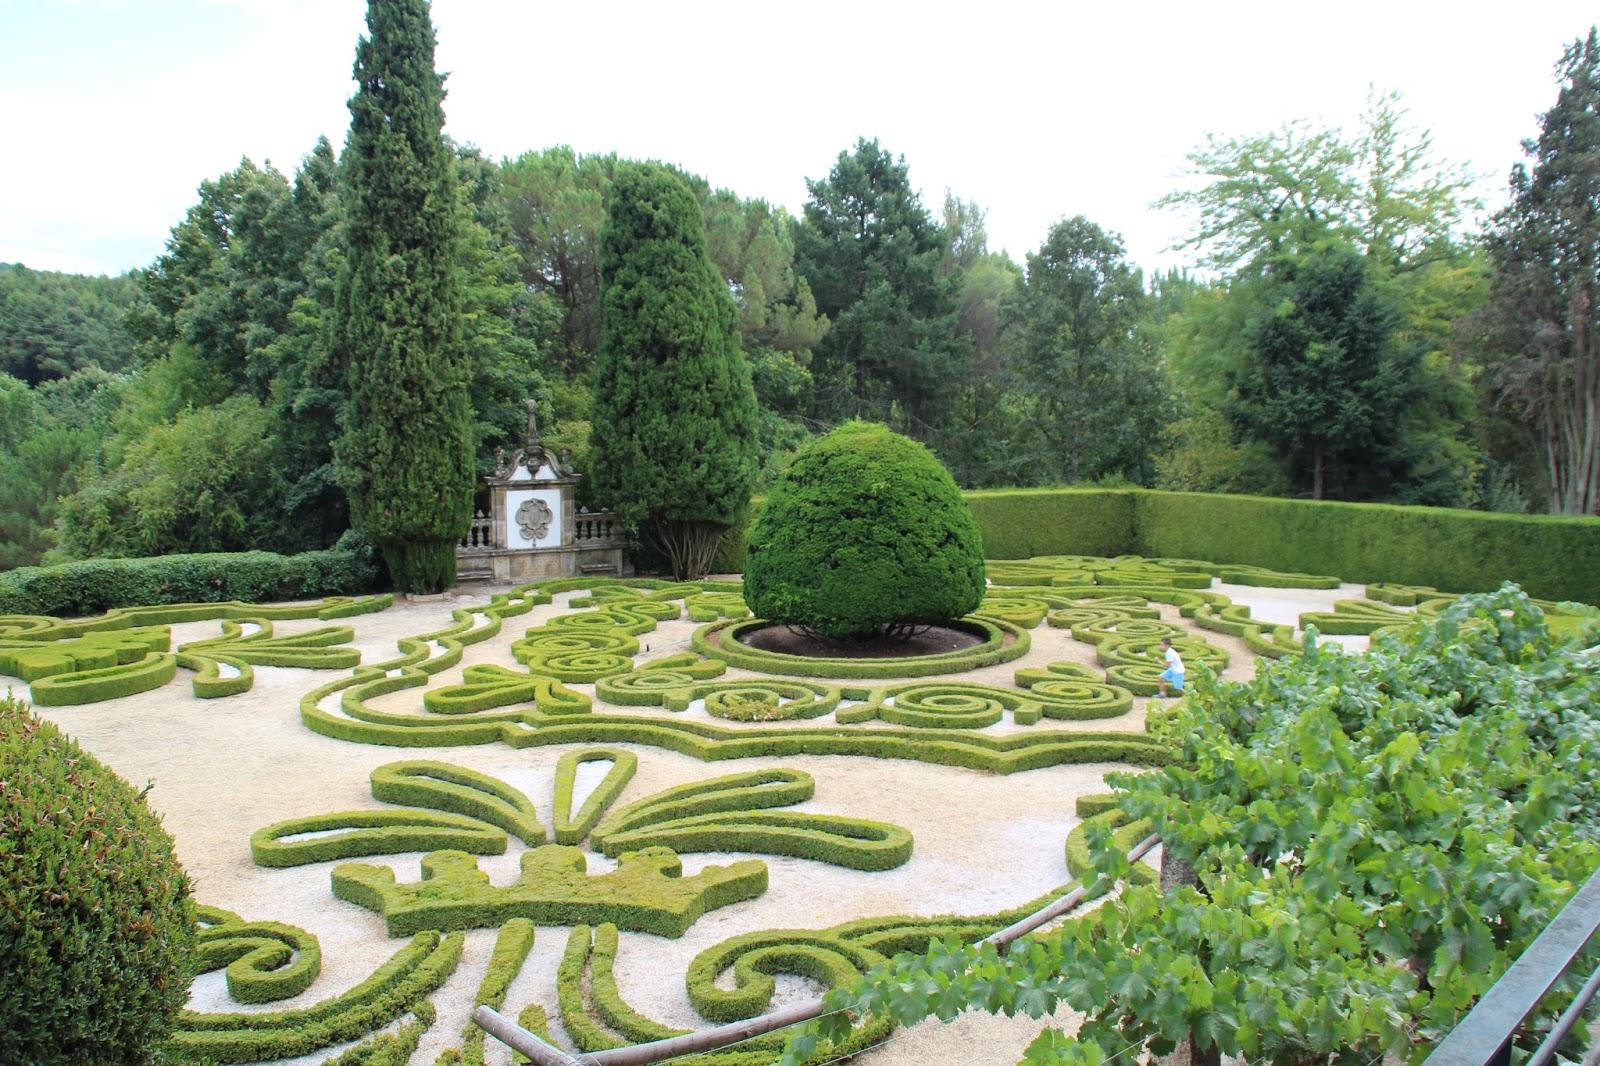 Antropolog A Y Ecolog A Upel Pueblos De Portugal Palacio De Mateus # Muebles Cuicuilco